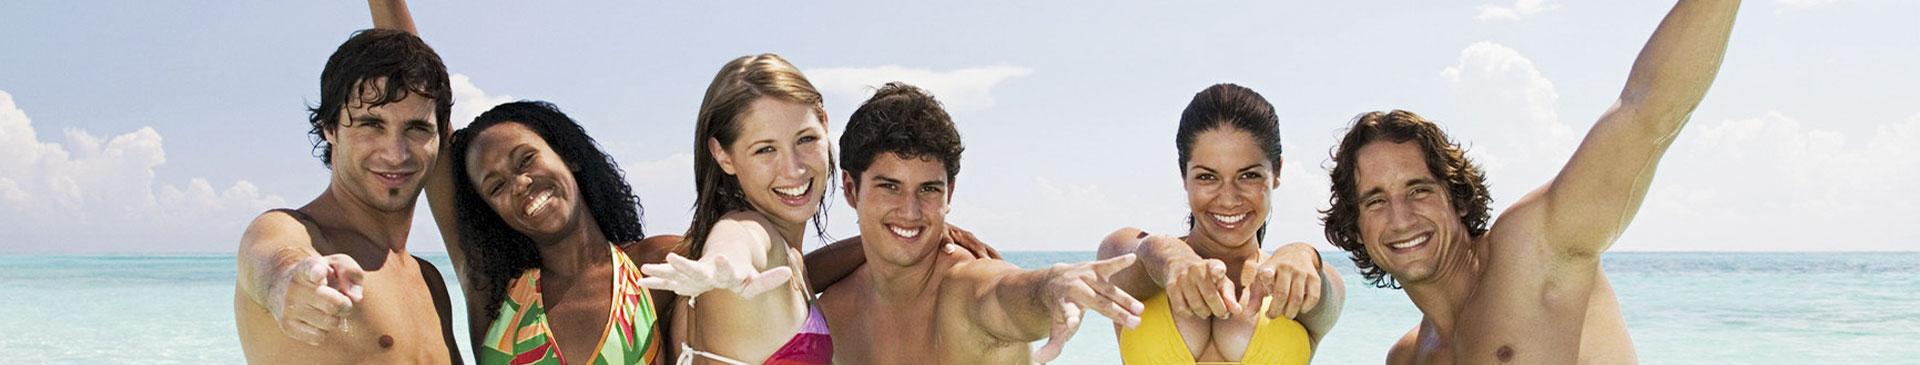 vacanze per gruppi in toscana